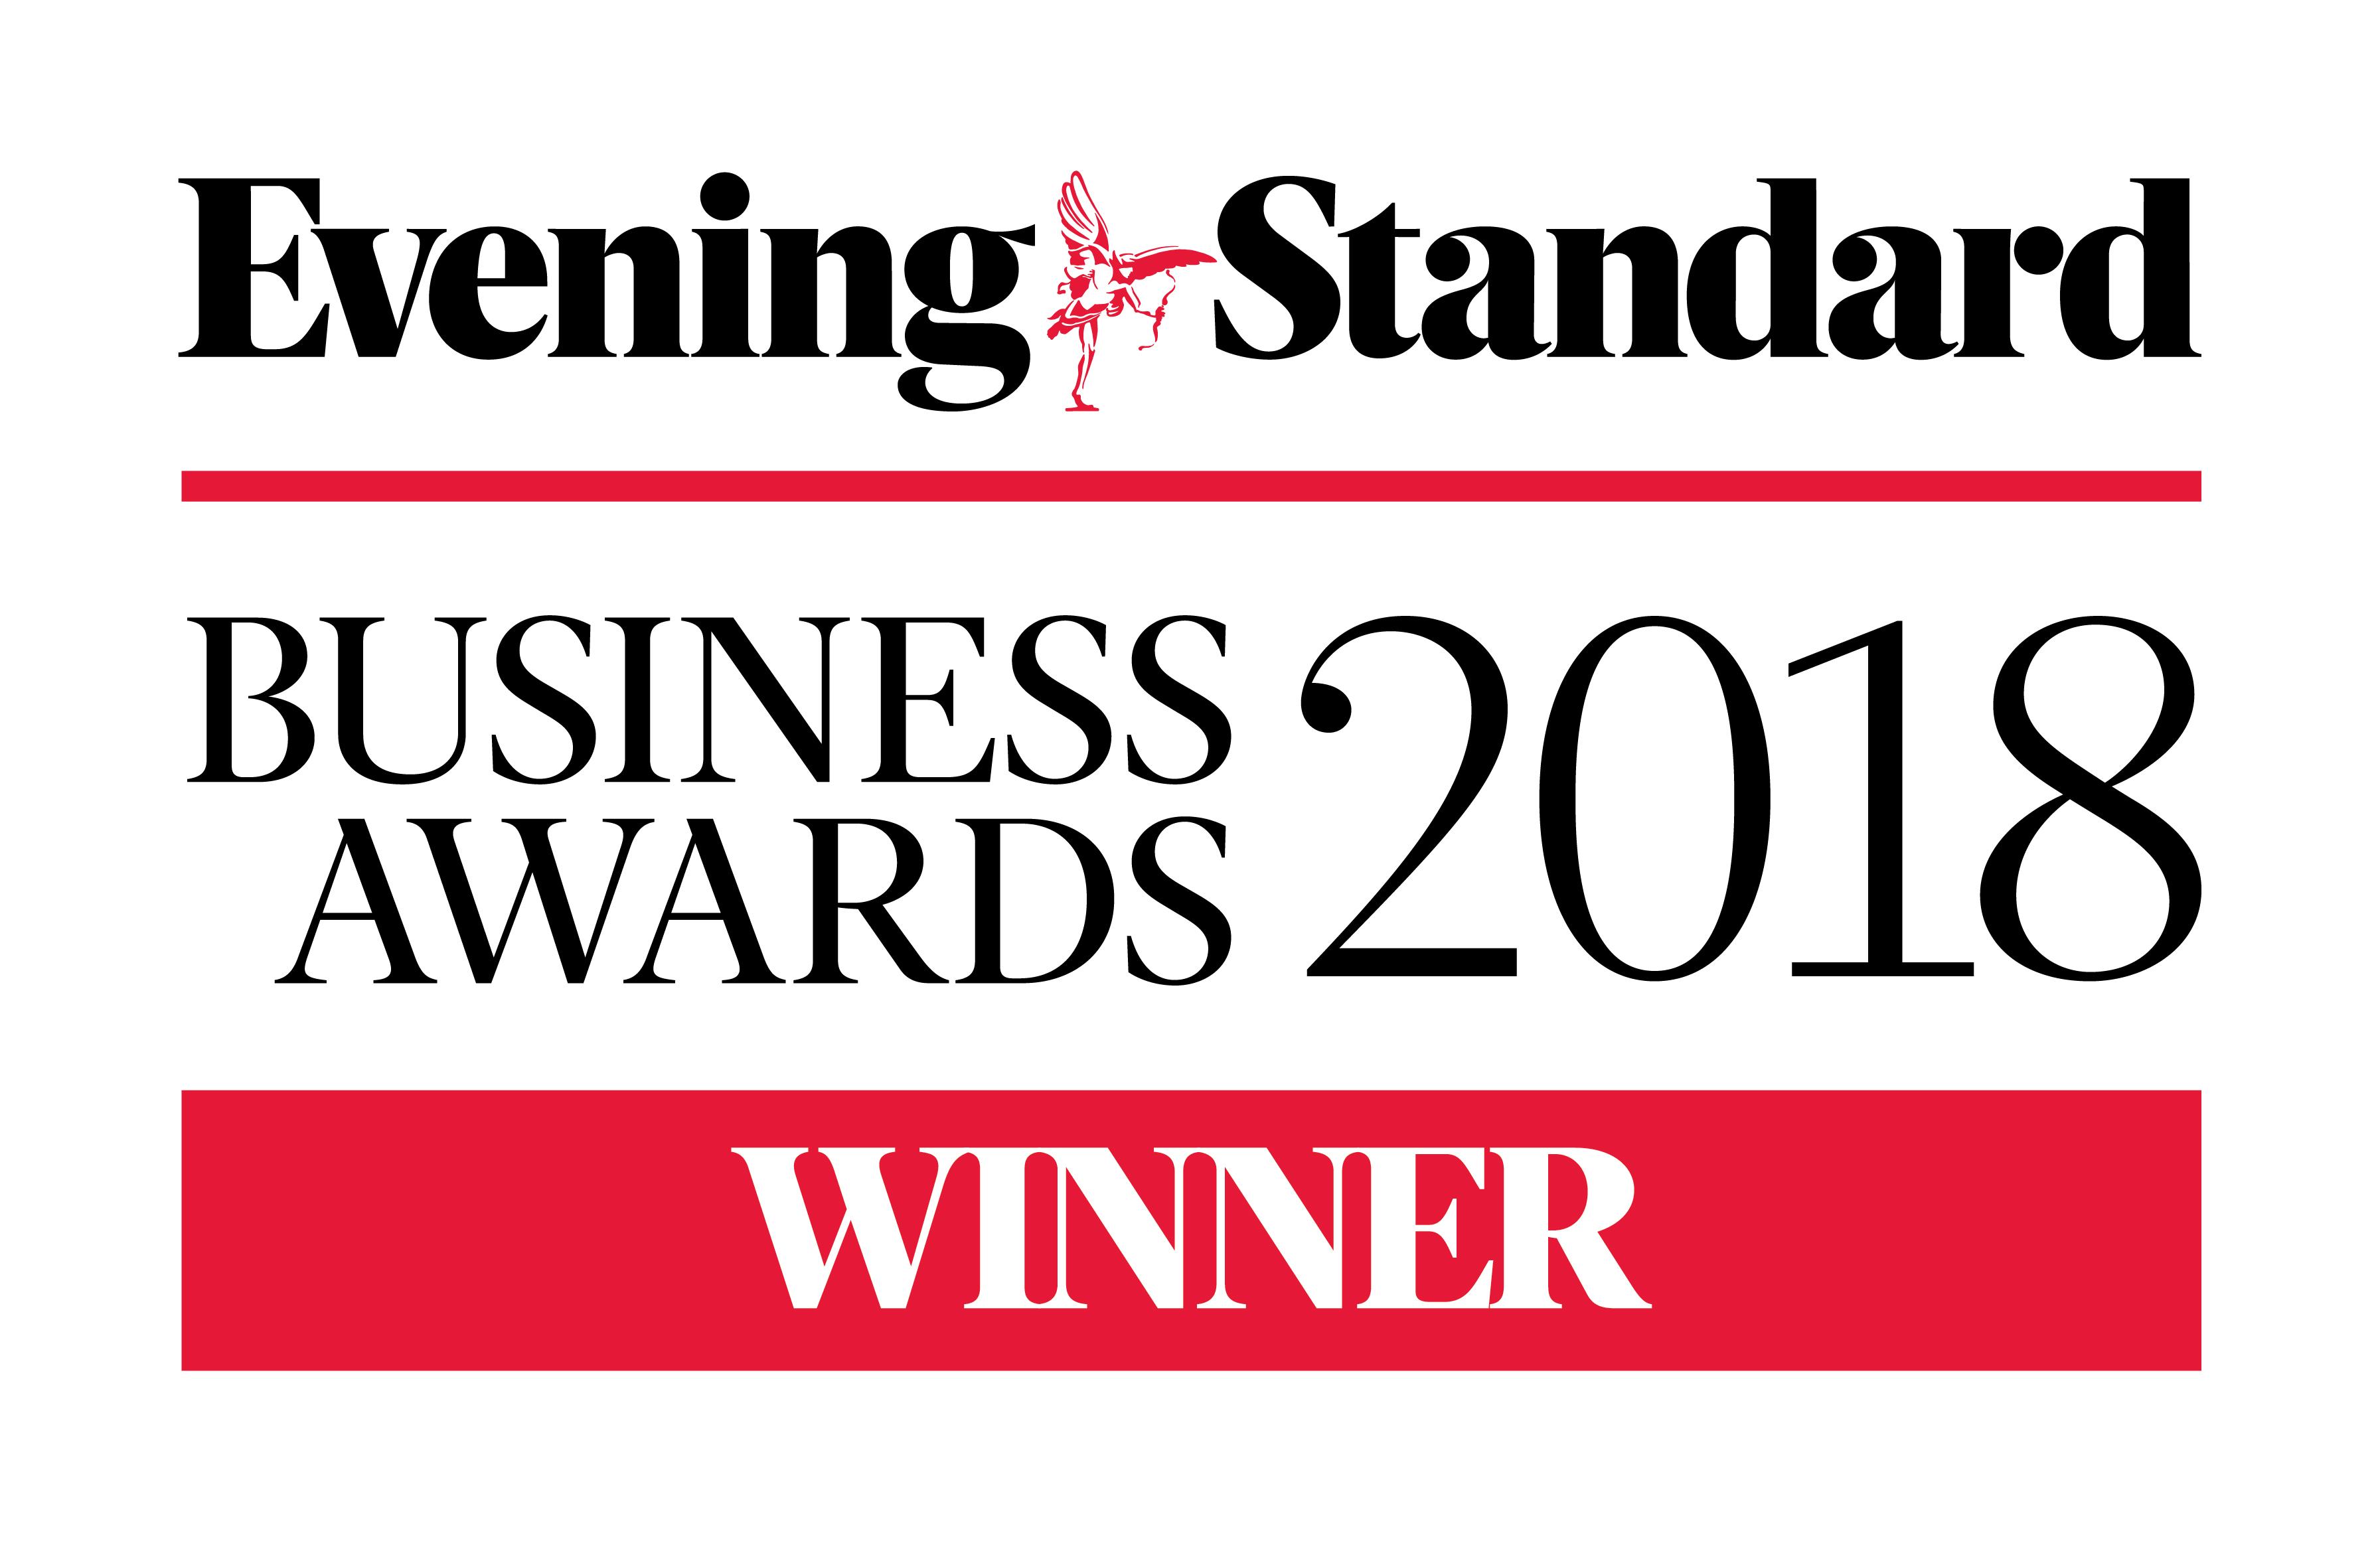 Evening-Standard-Business-Awards-2018-Winner